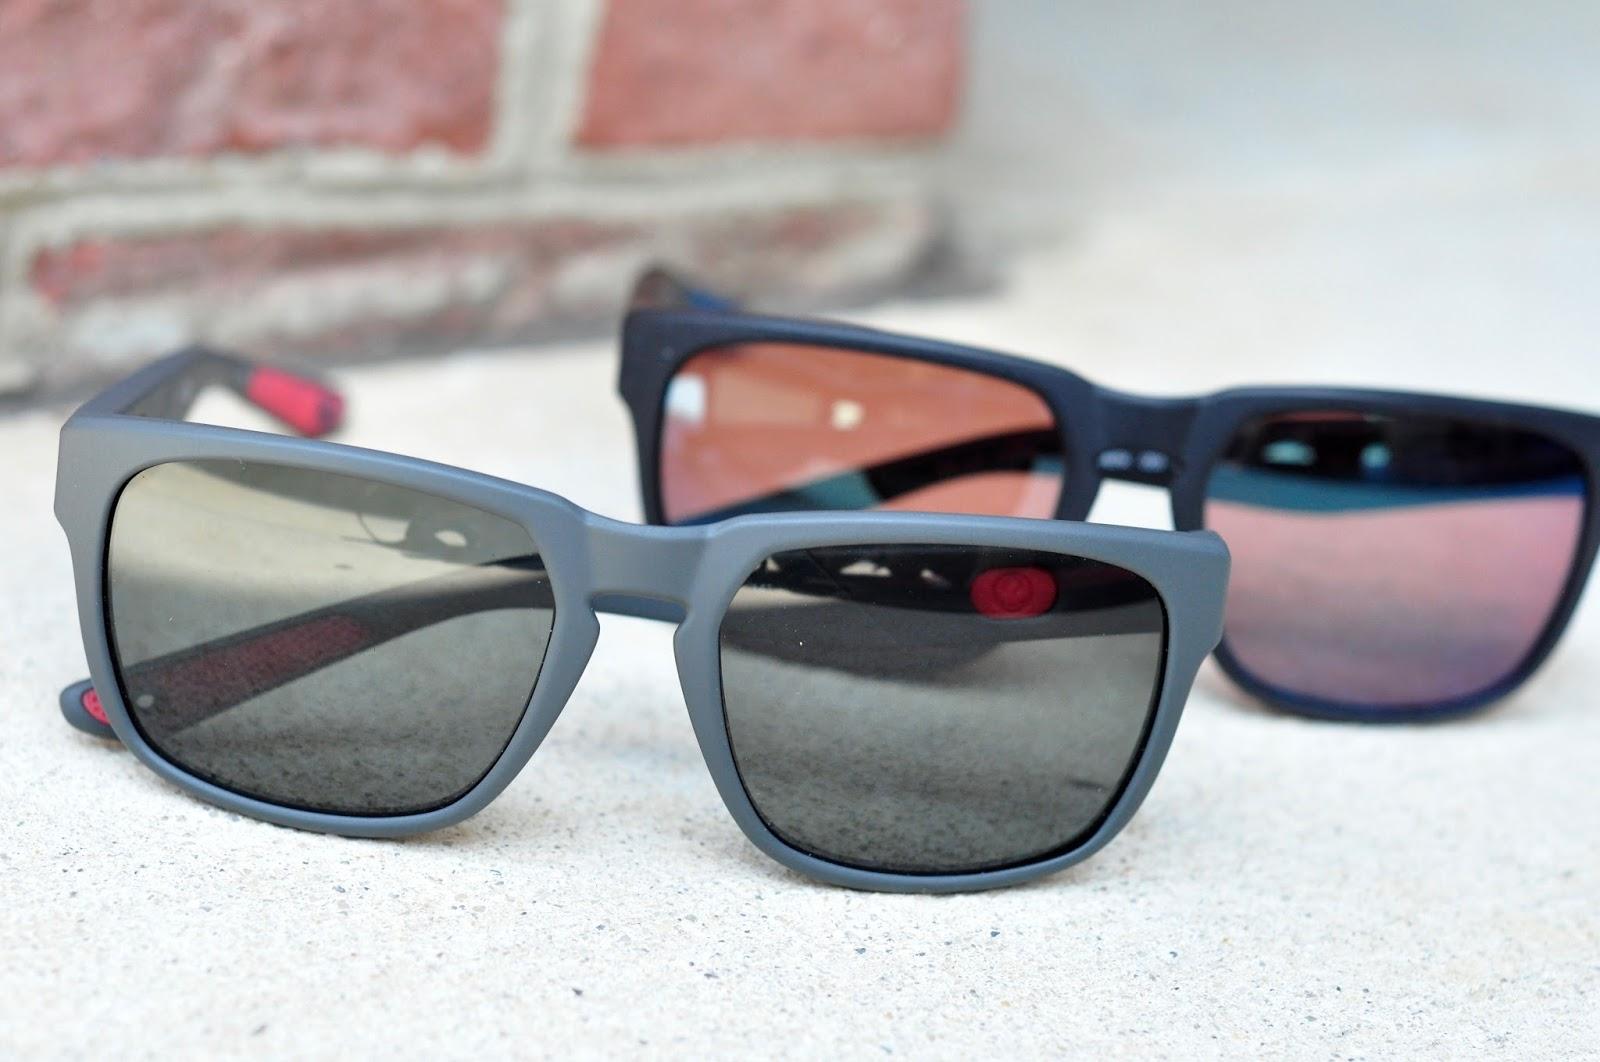 bab8cfa08f Alpine Ski Shop Daily Drops  New Dragon Seafarer X Sunglasses in the ...